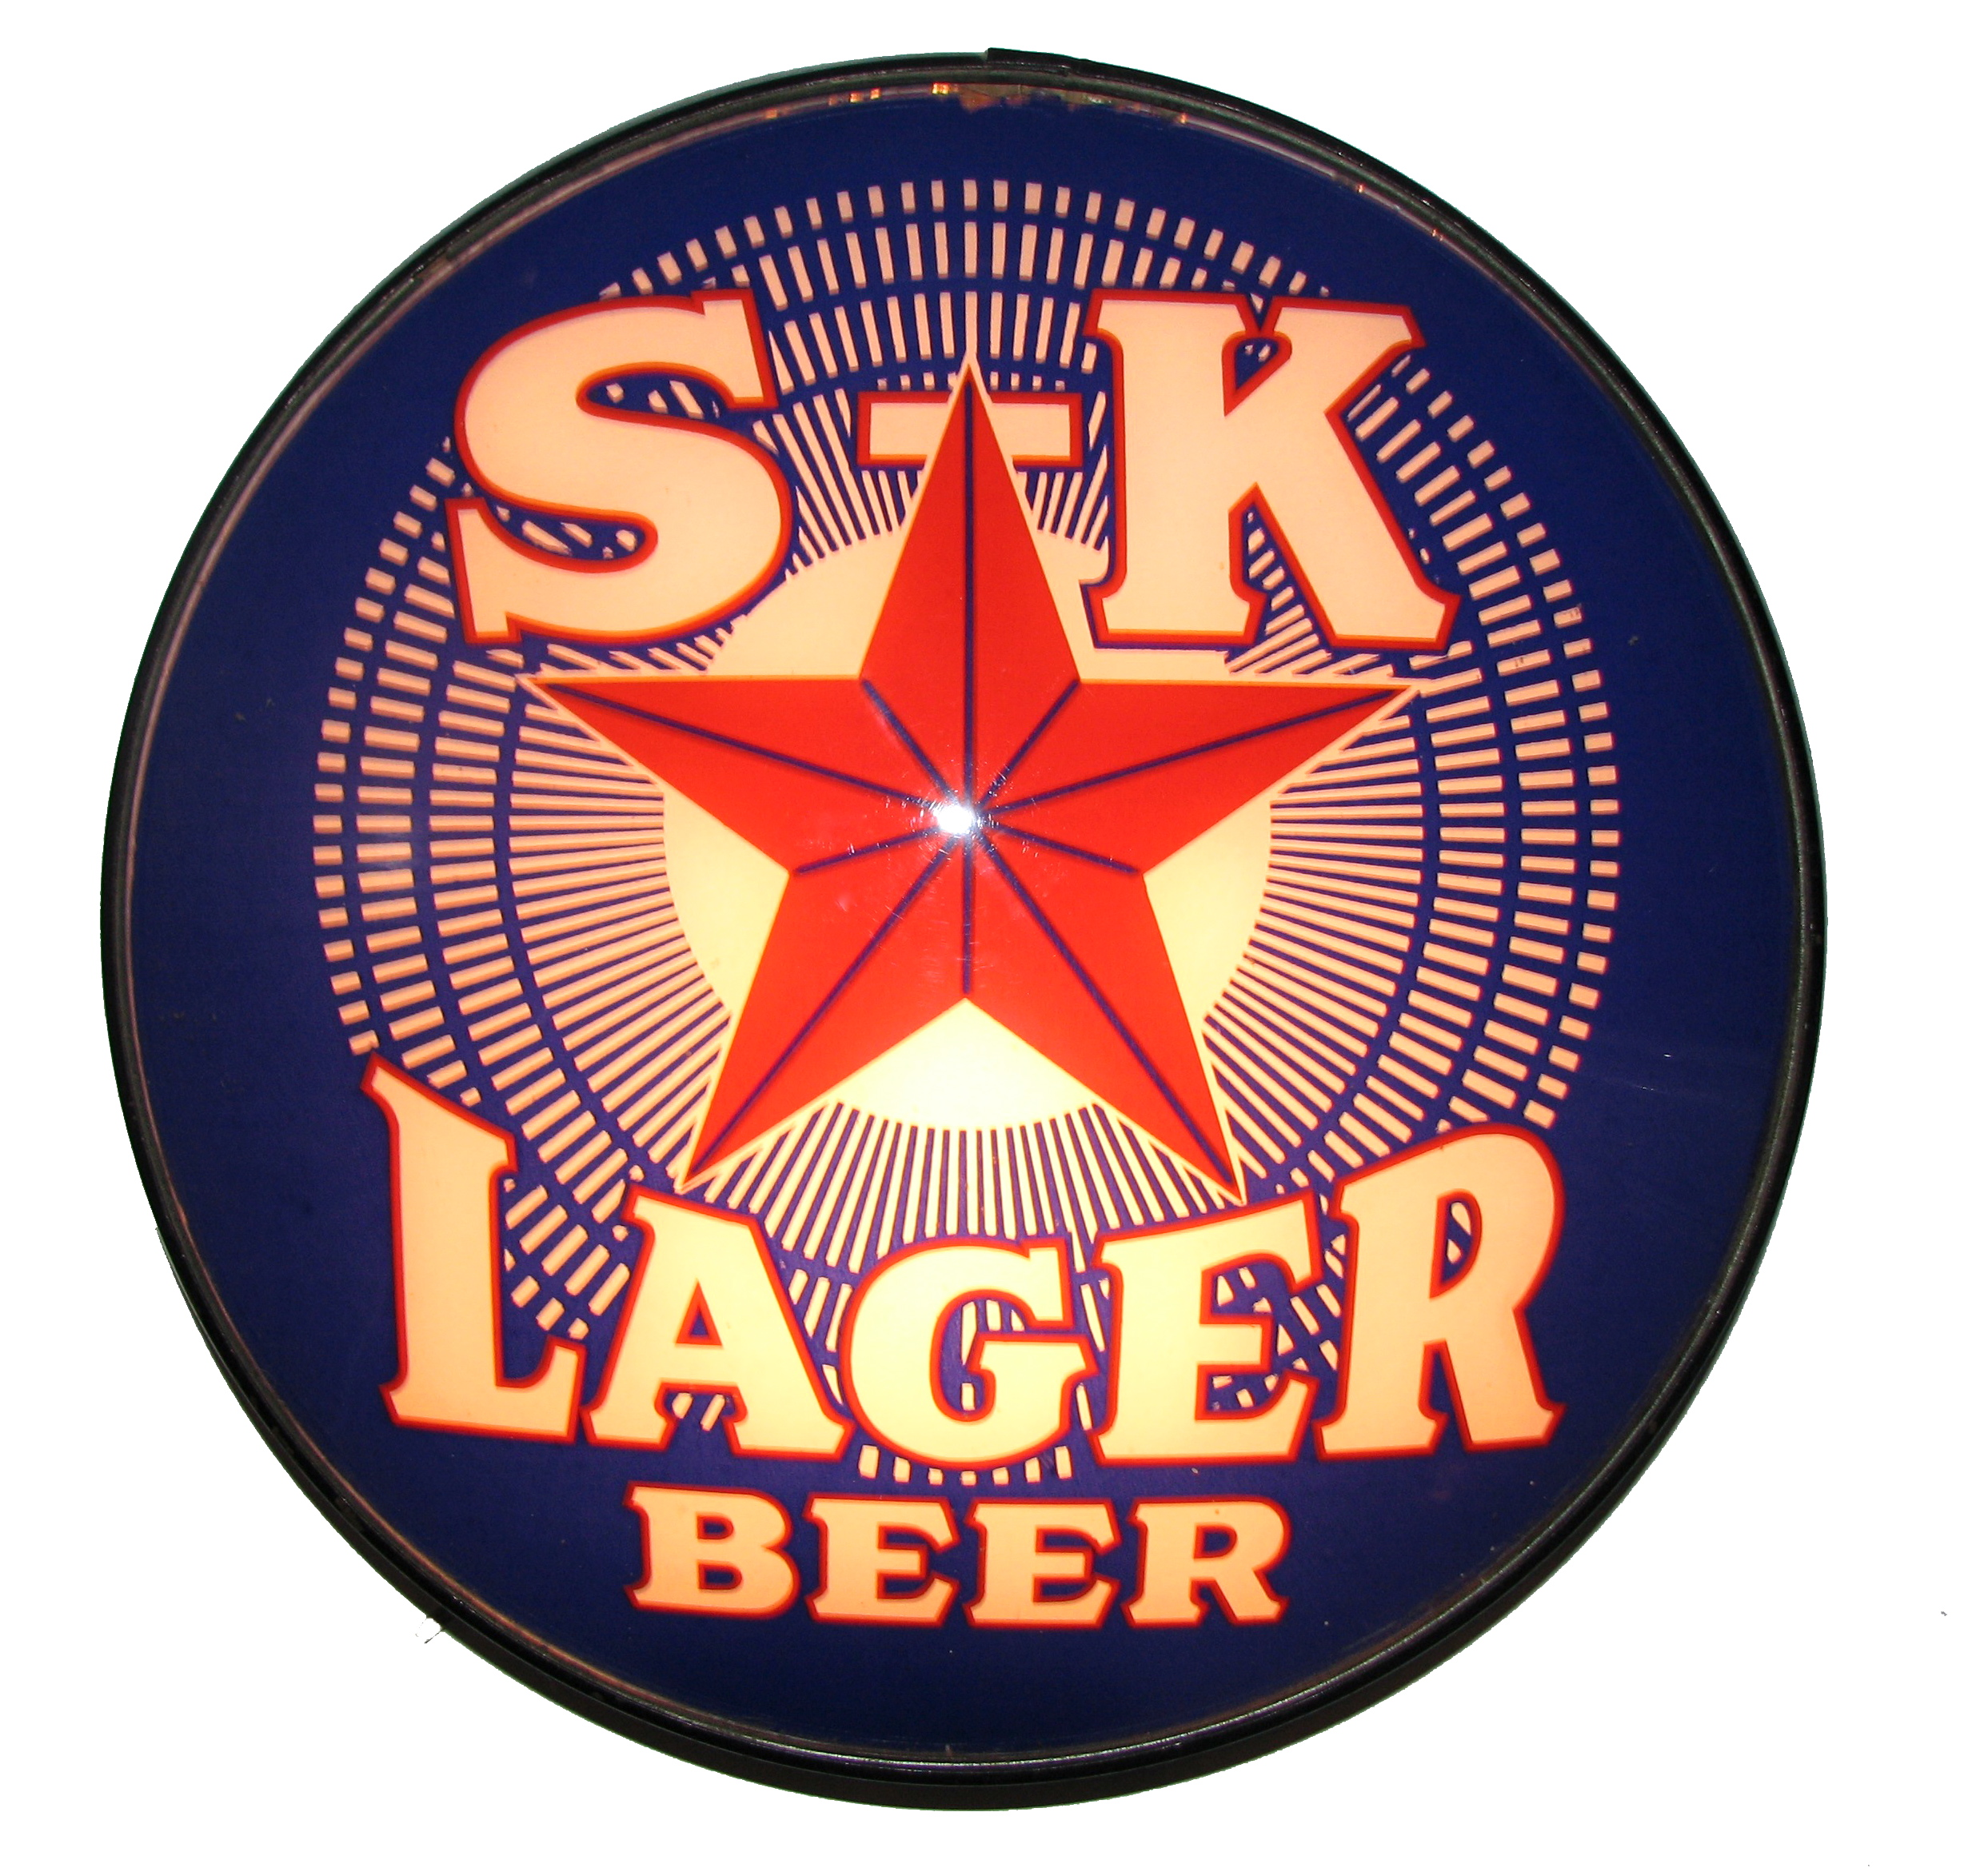 S-K Lager Beer Reverse on Glass Light, Schorr Kolkschneider Brewing Co., St. Louis, MO. Circa 1915